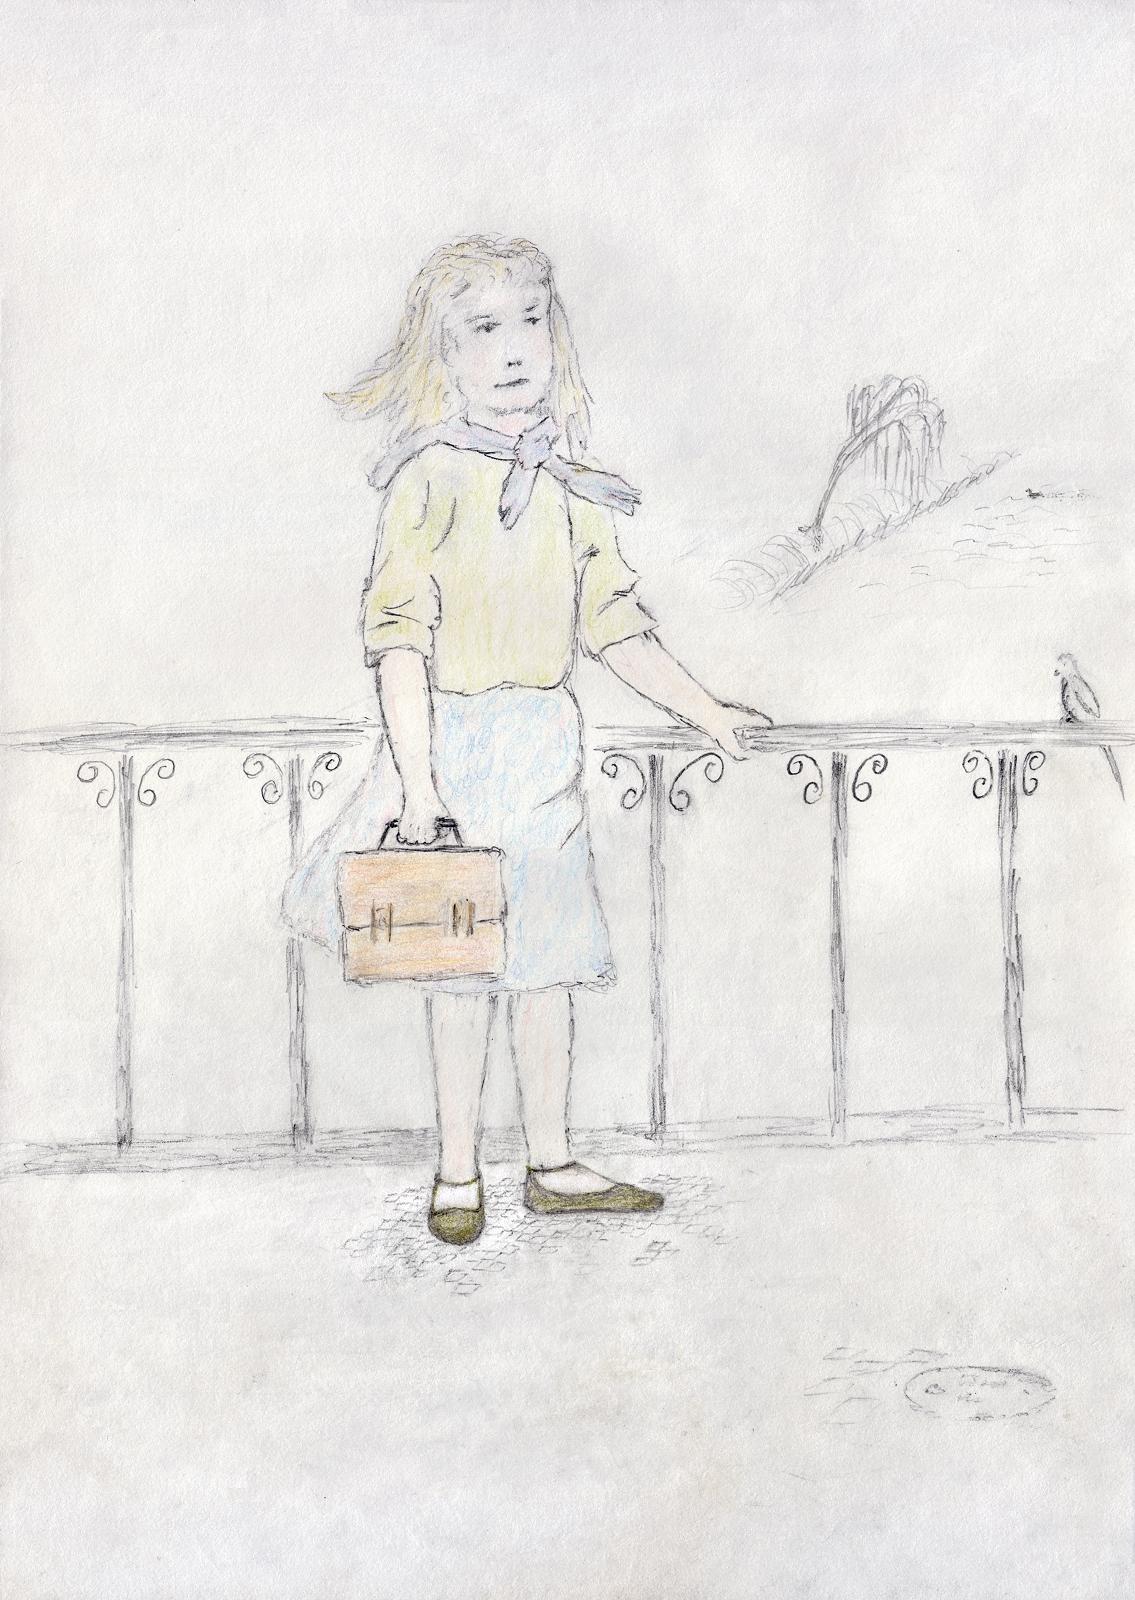 Pioniermädel, Zeichnung von 1990